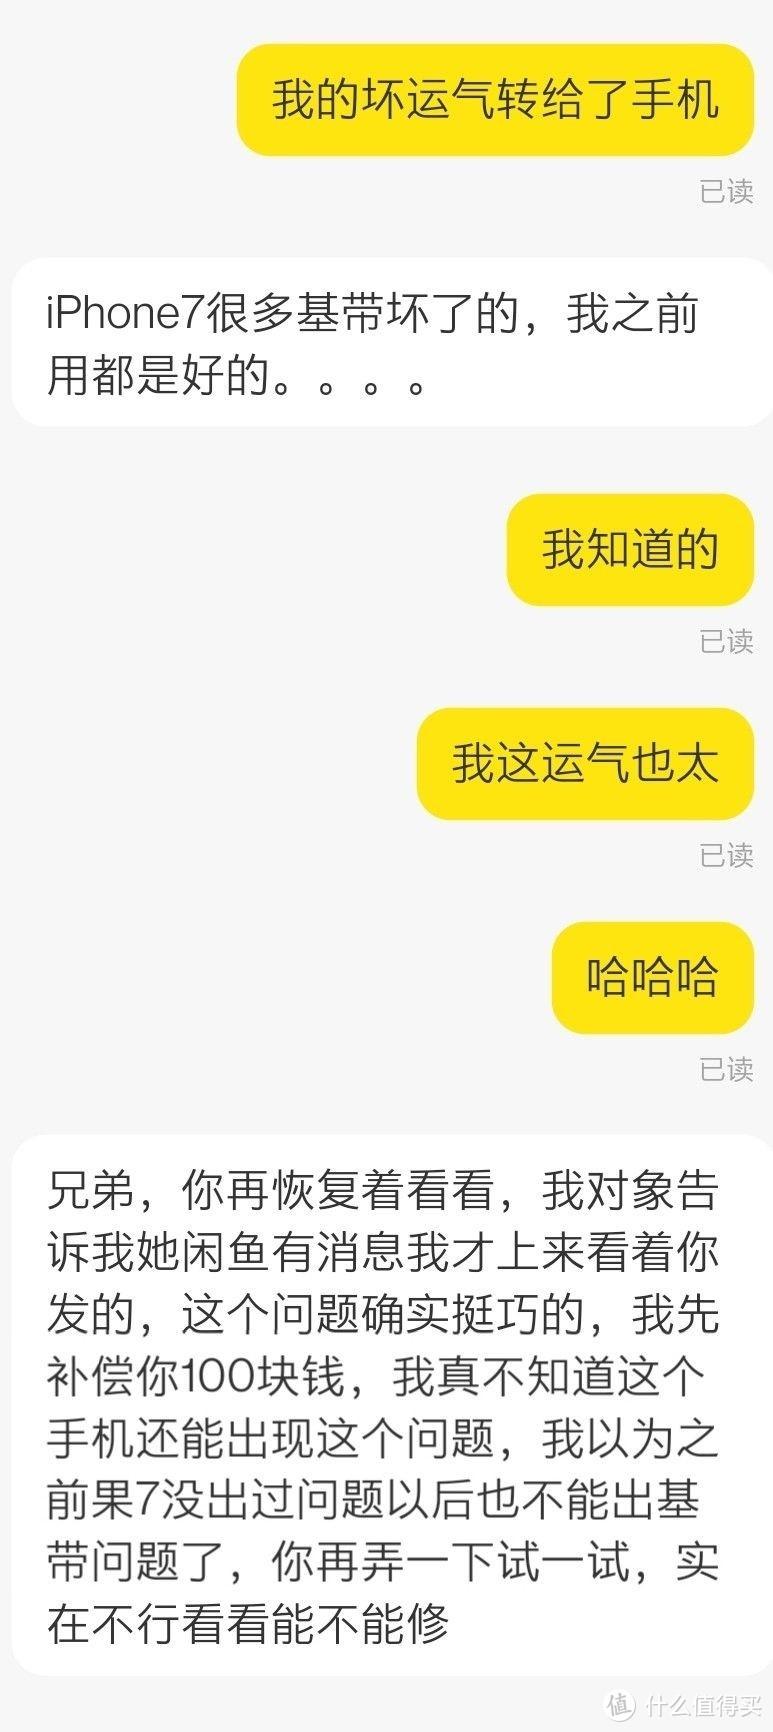 引以为鉴!闲鱼摸鱼7年,iPhone购机翻车记录和淘二手手机心得分享!